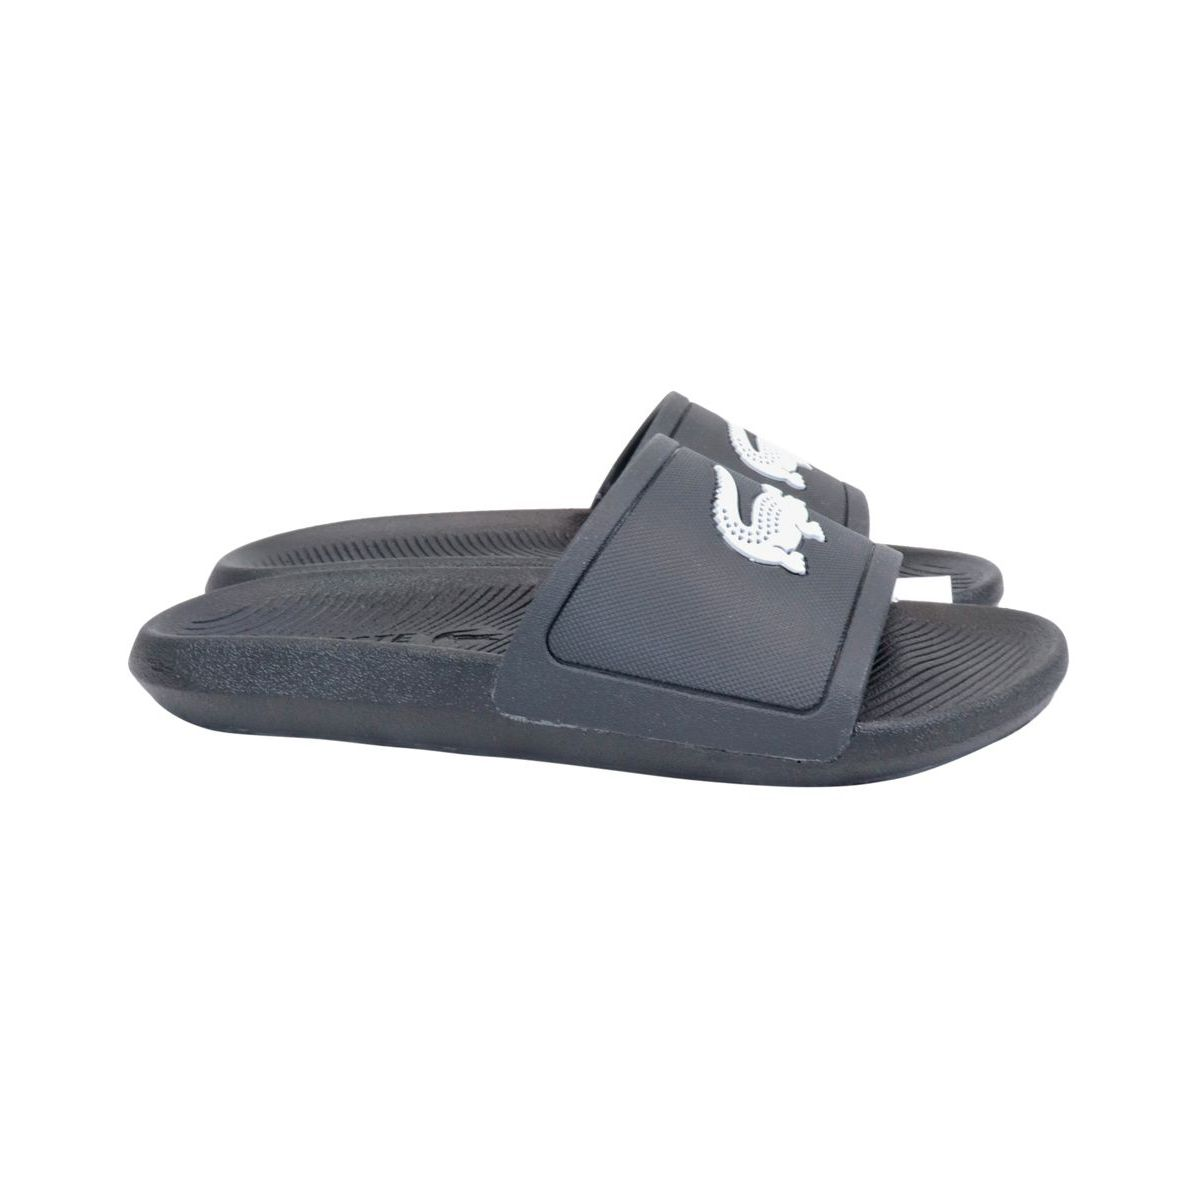 Waterproof rubber slippers Black Lacoste